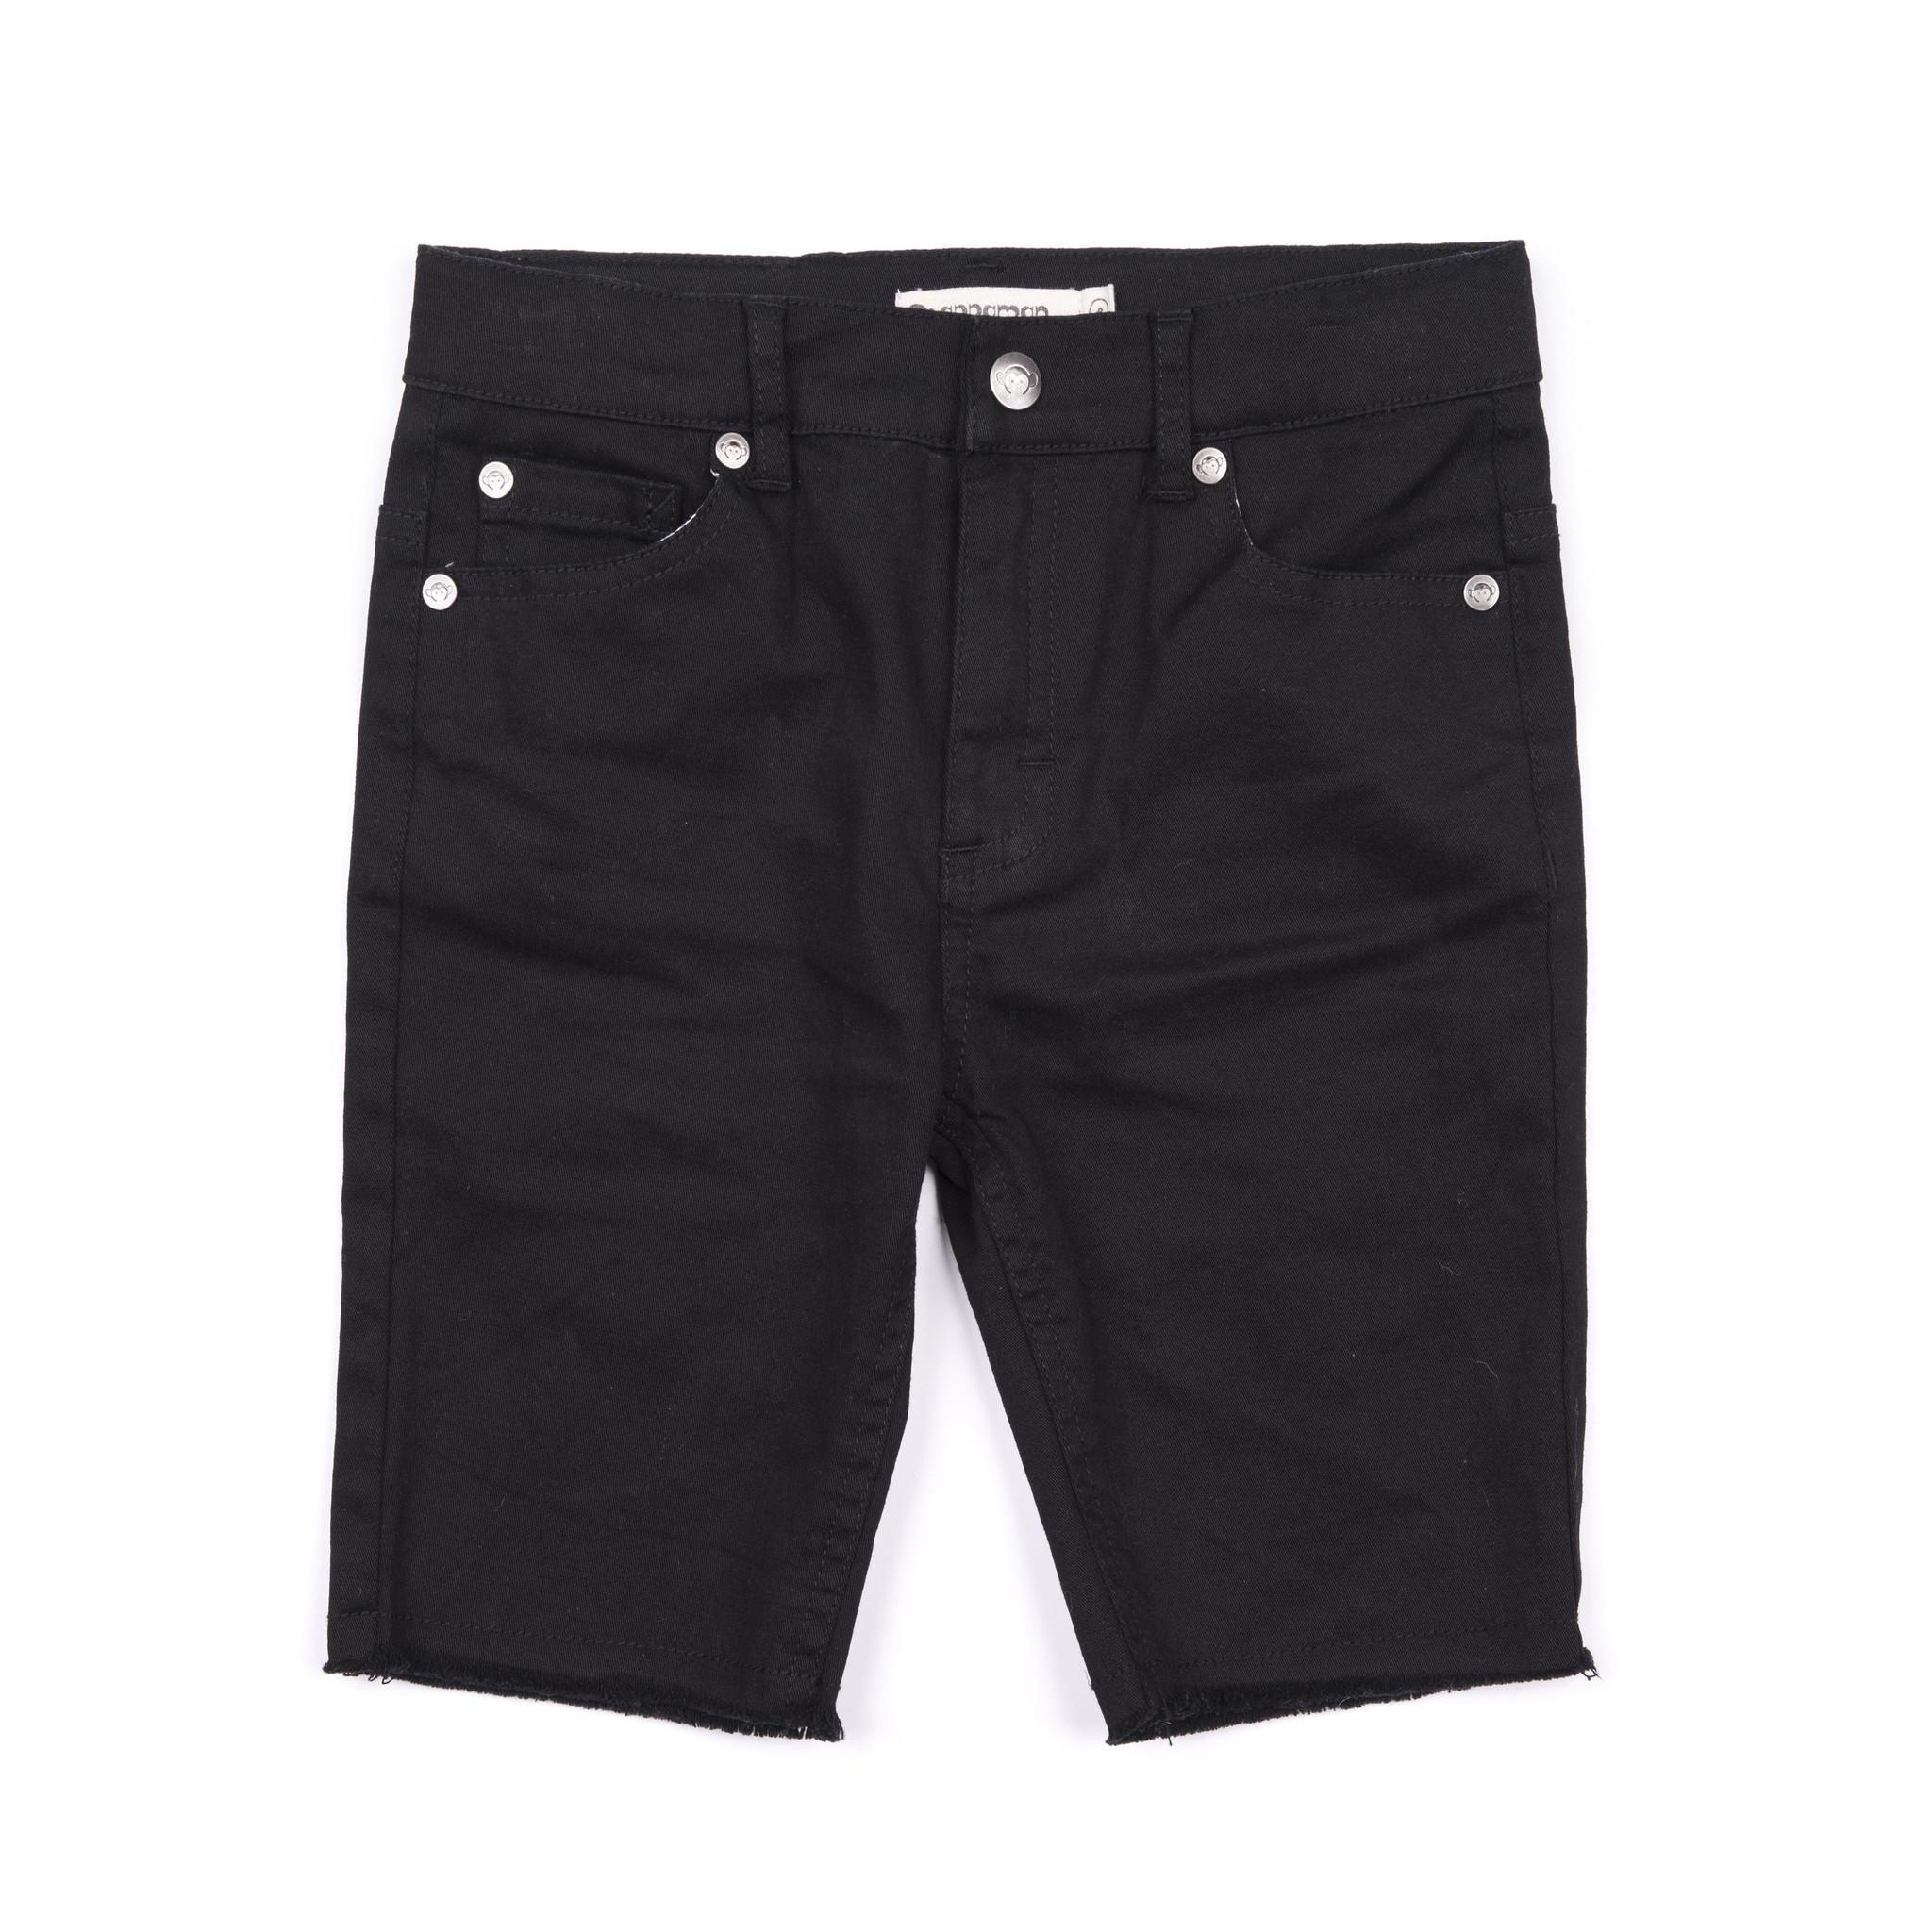 Appaman Punk Shorts